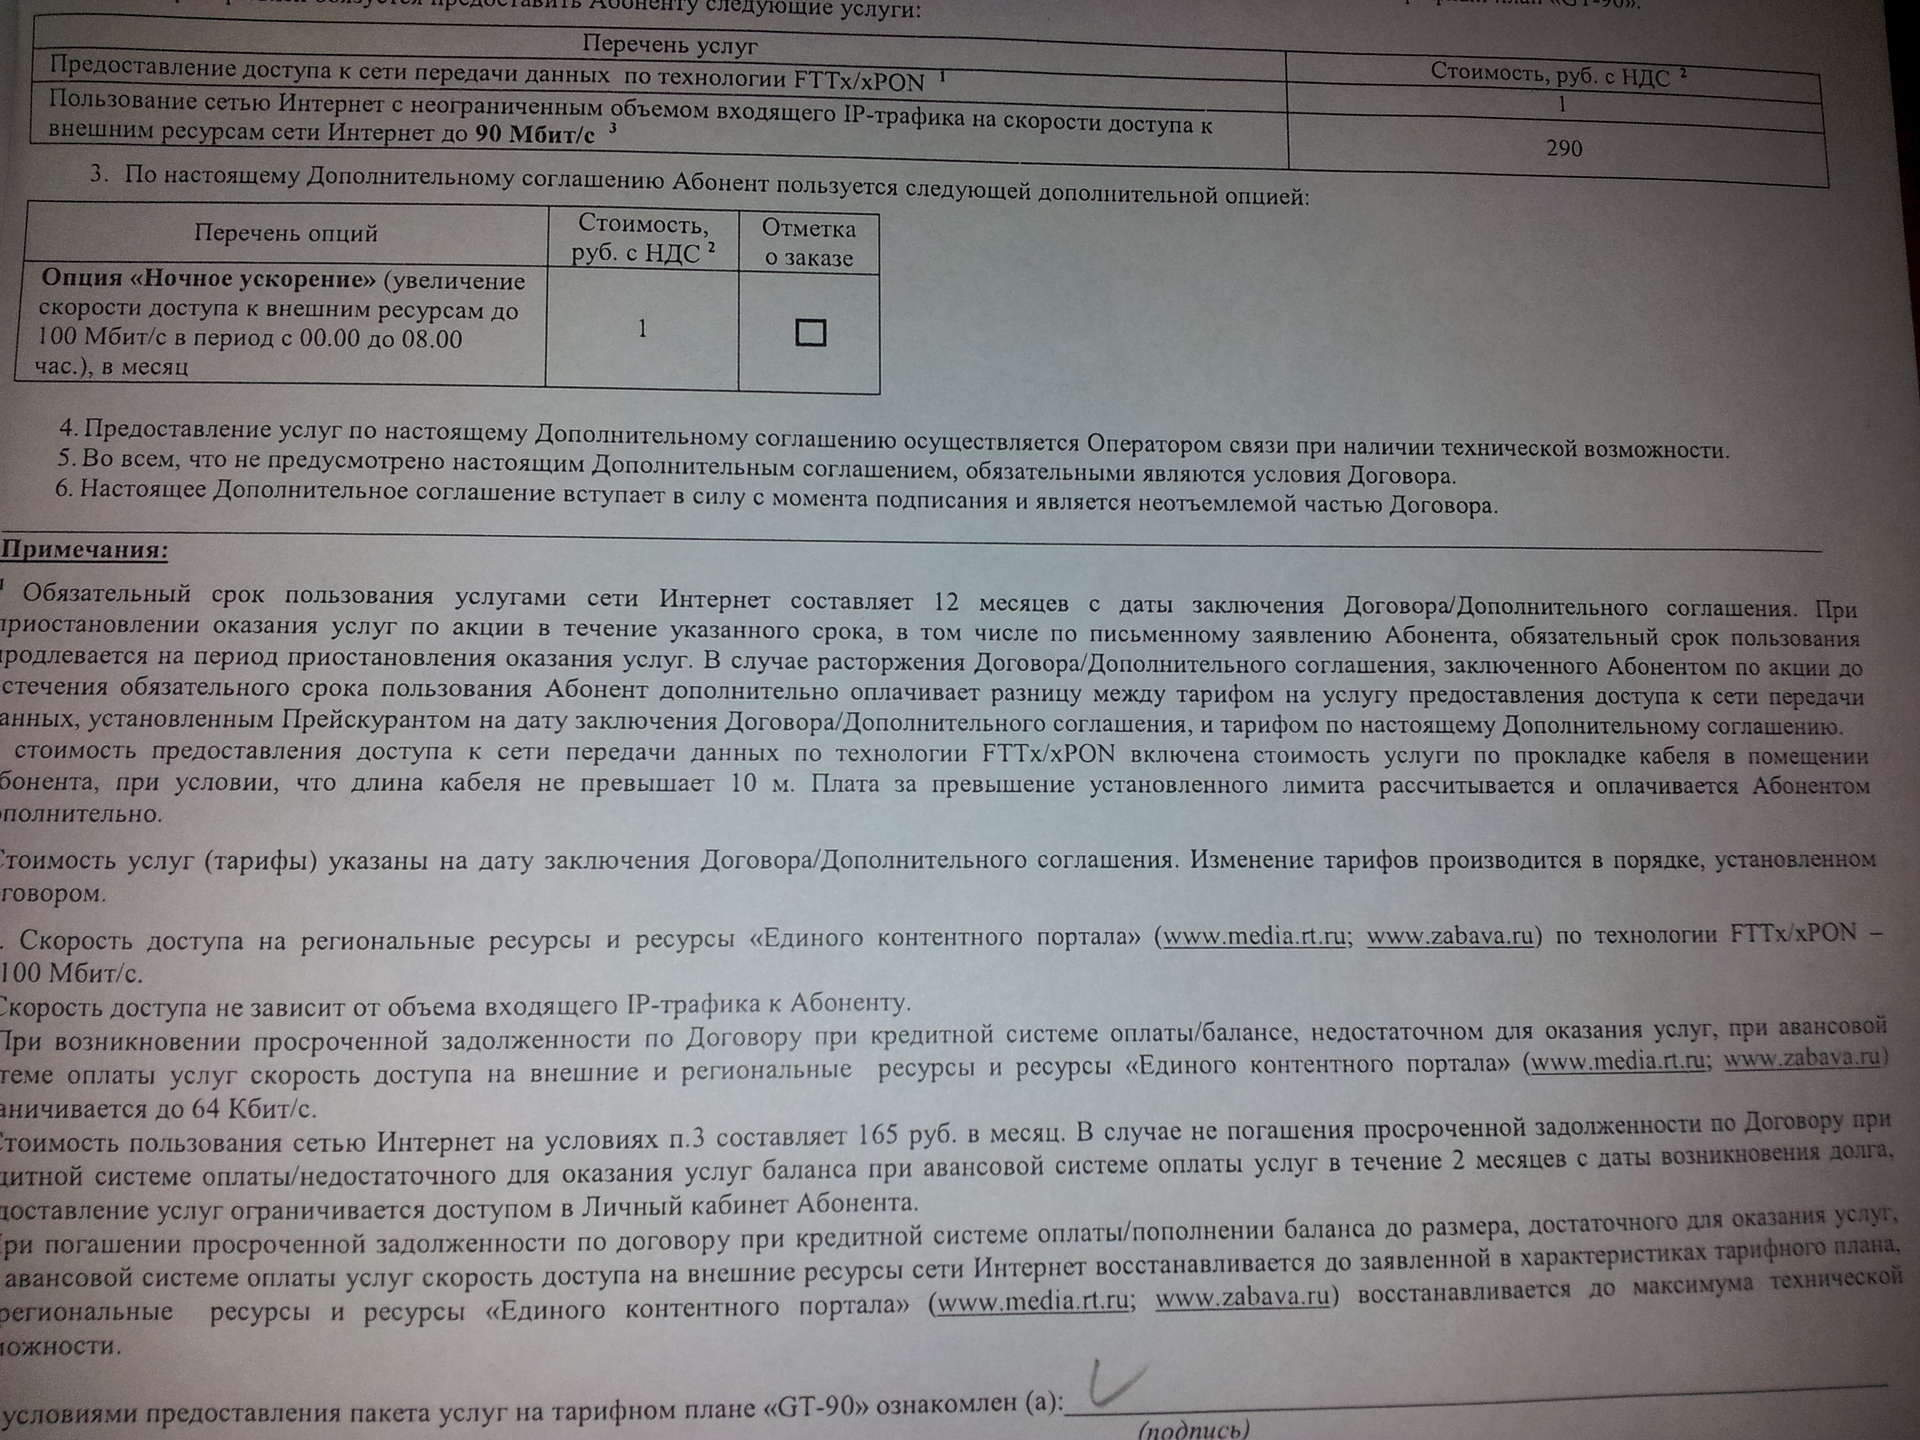 Договор между заказчиком и исполнителем на оказание услуги